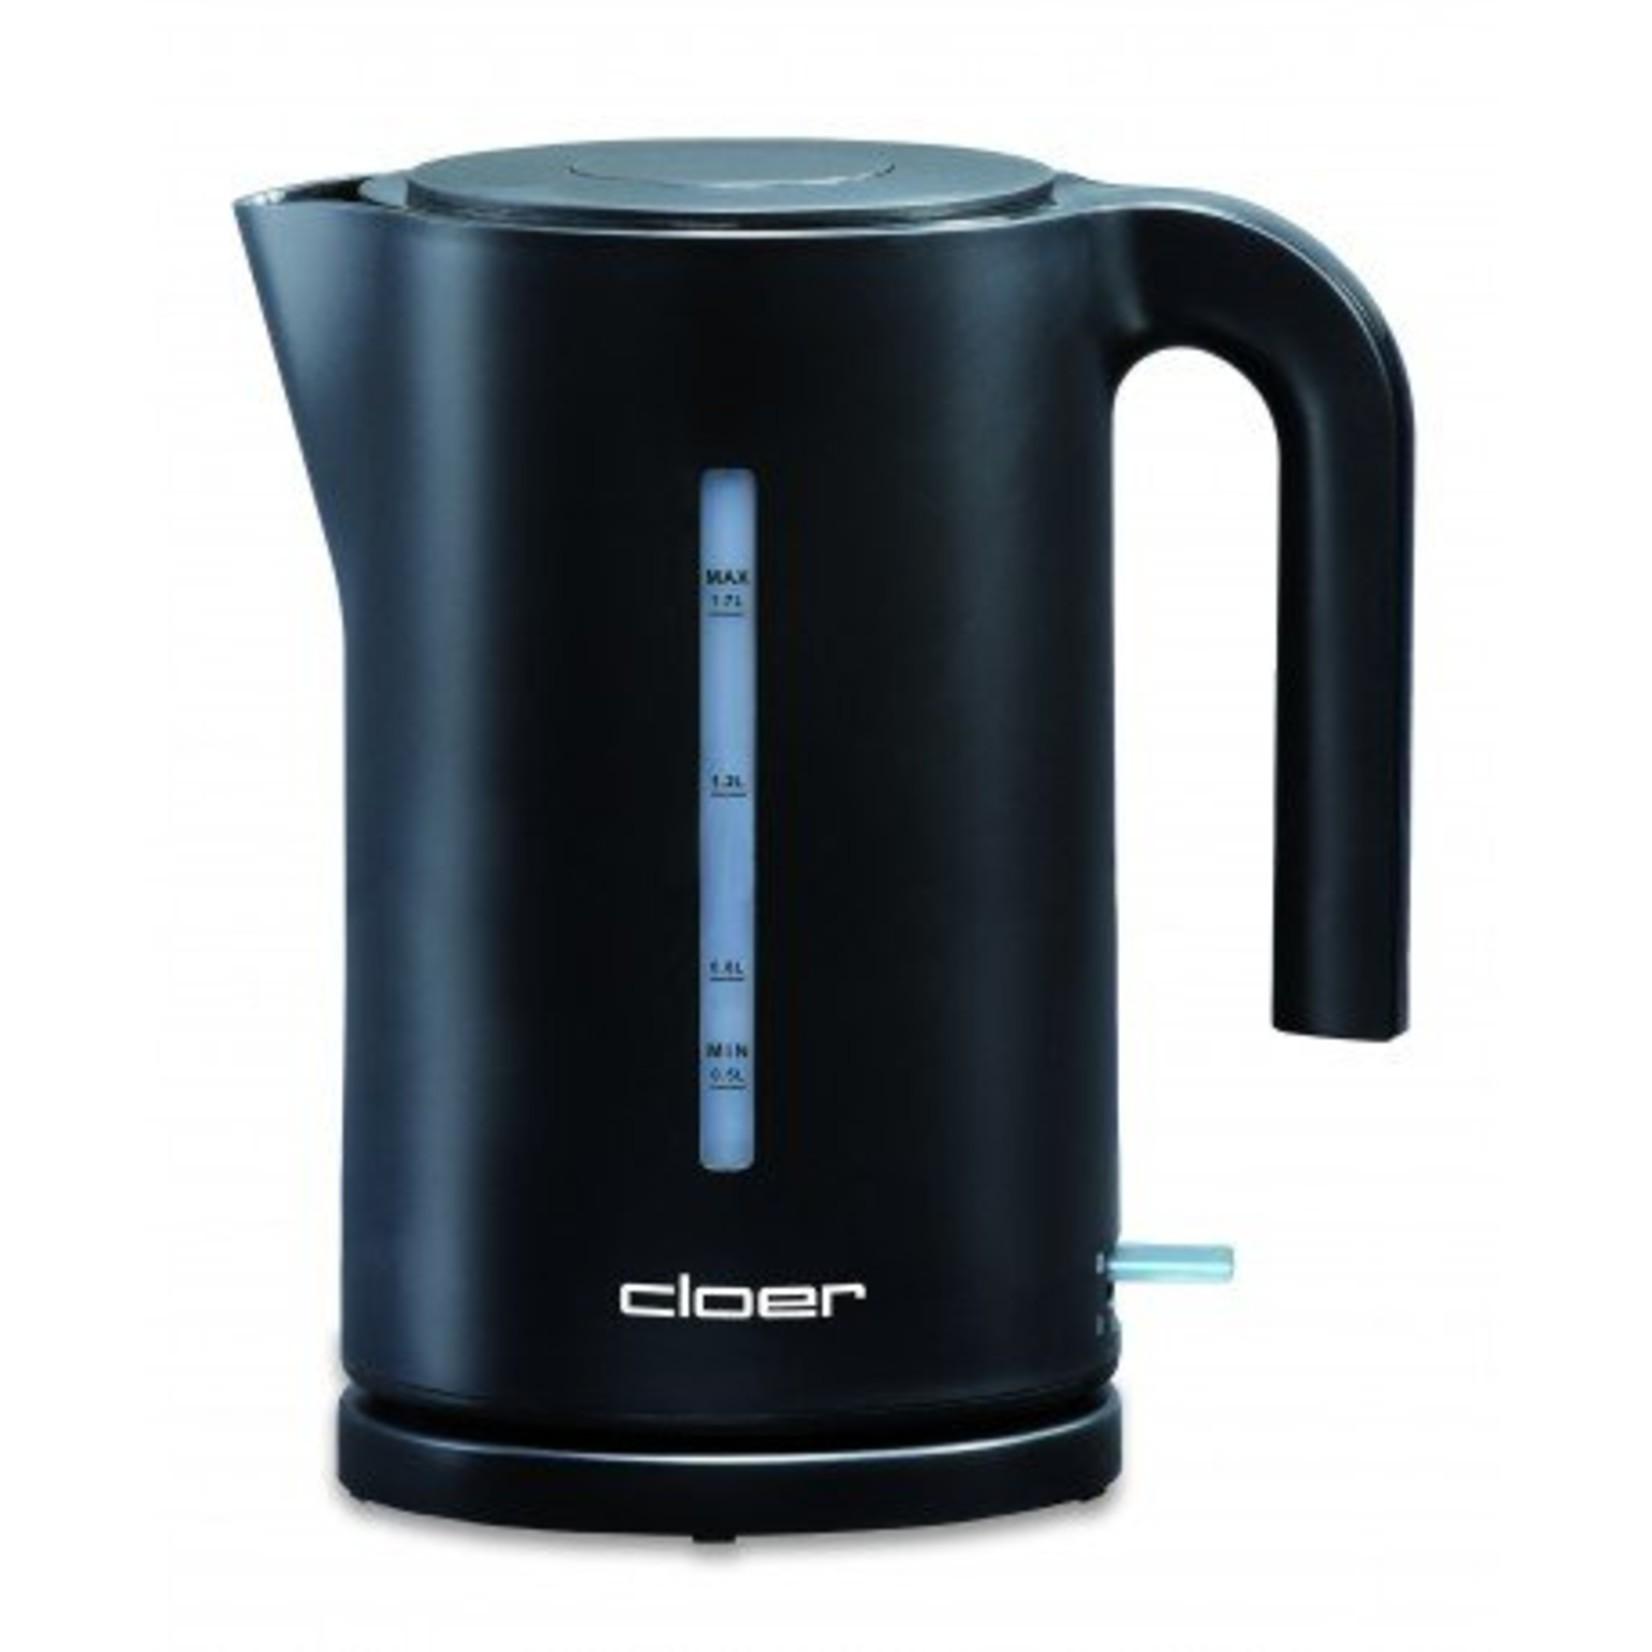 Cloer Cloer waterkoker zwart